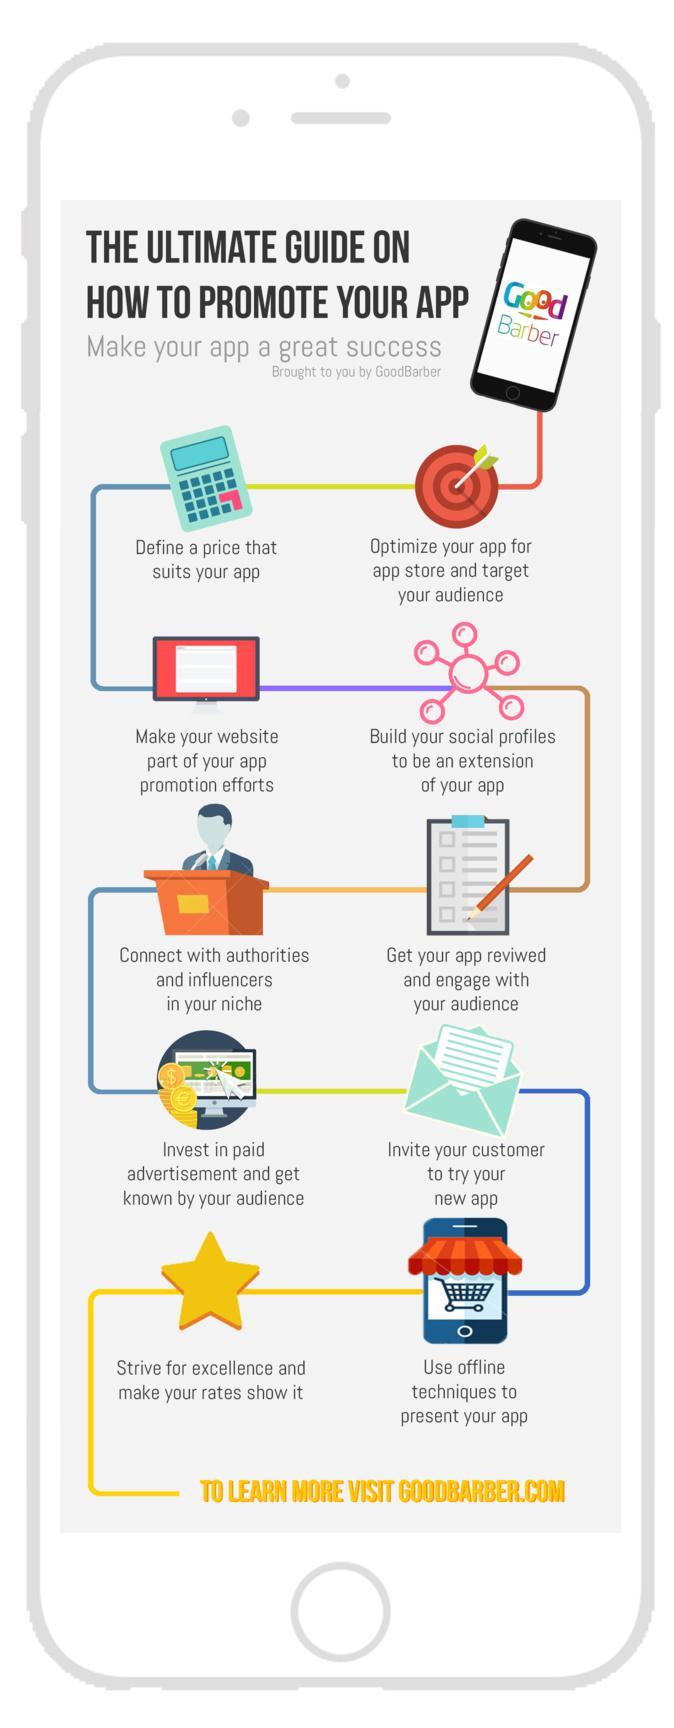 La Guida Definitiva per promuovere la tua App. Fai del tuo progetto un grande successo!